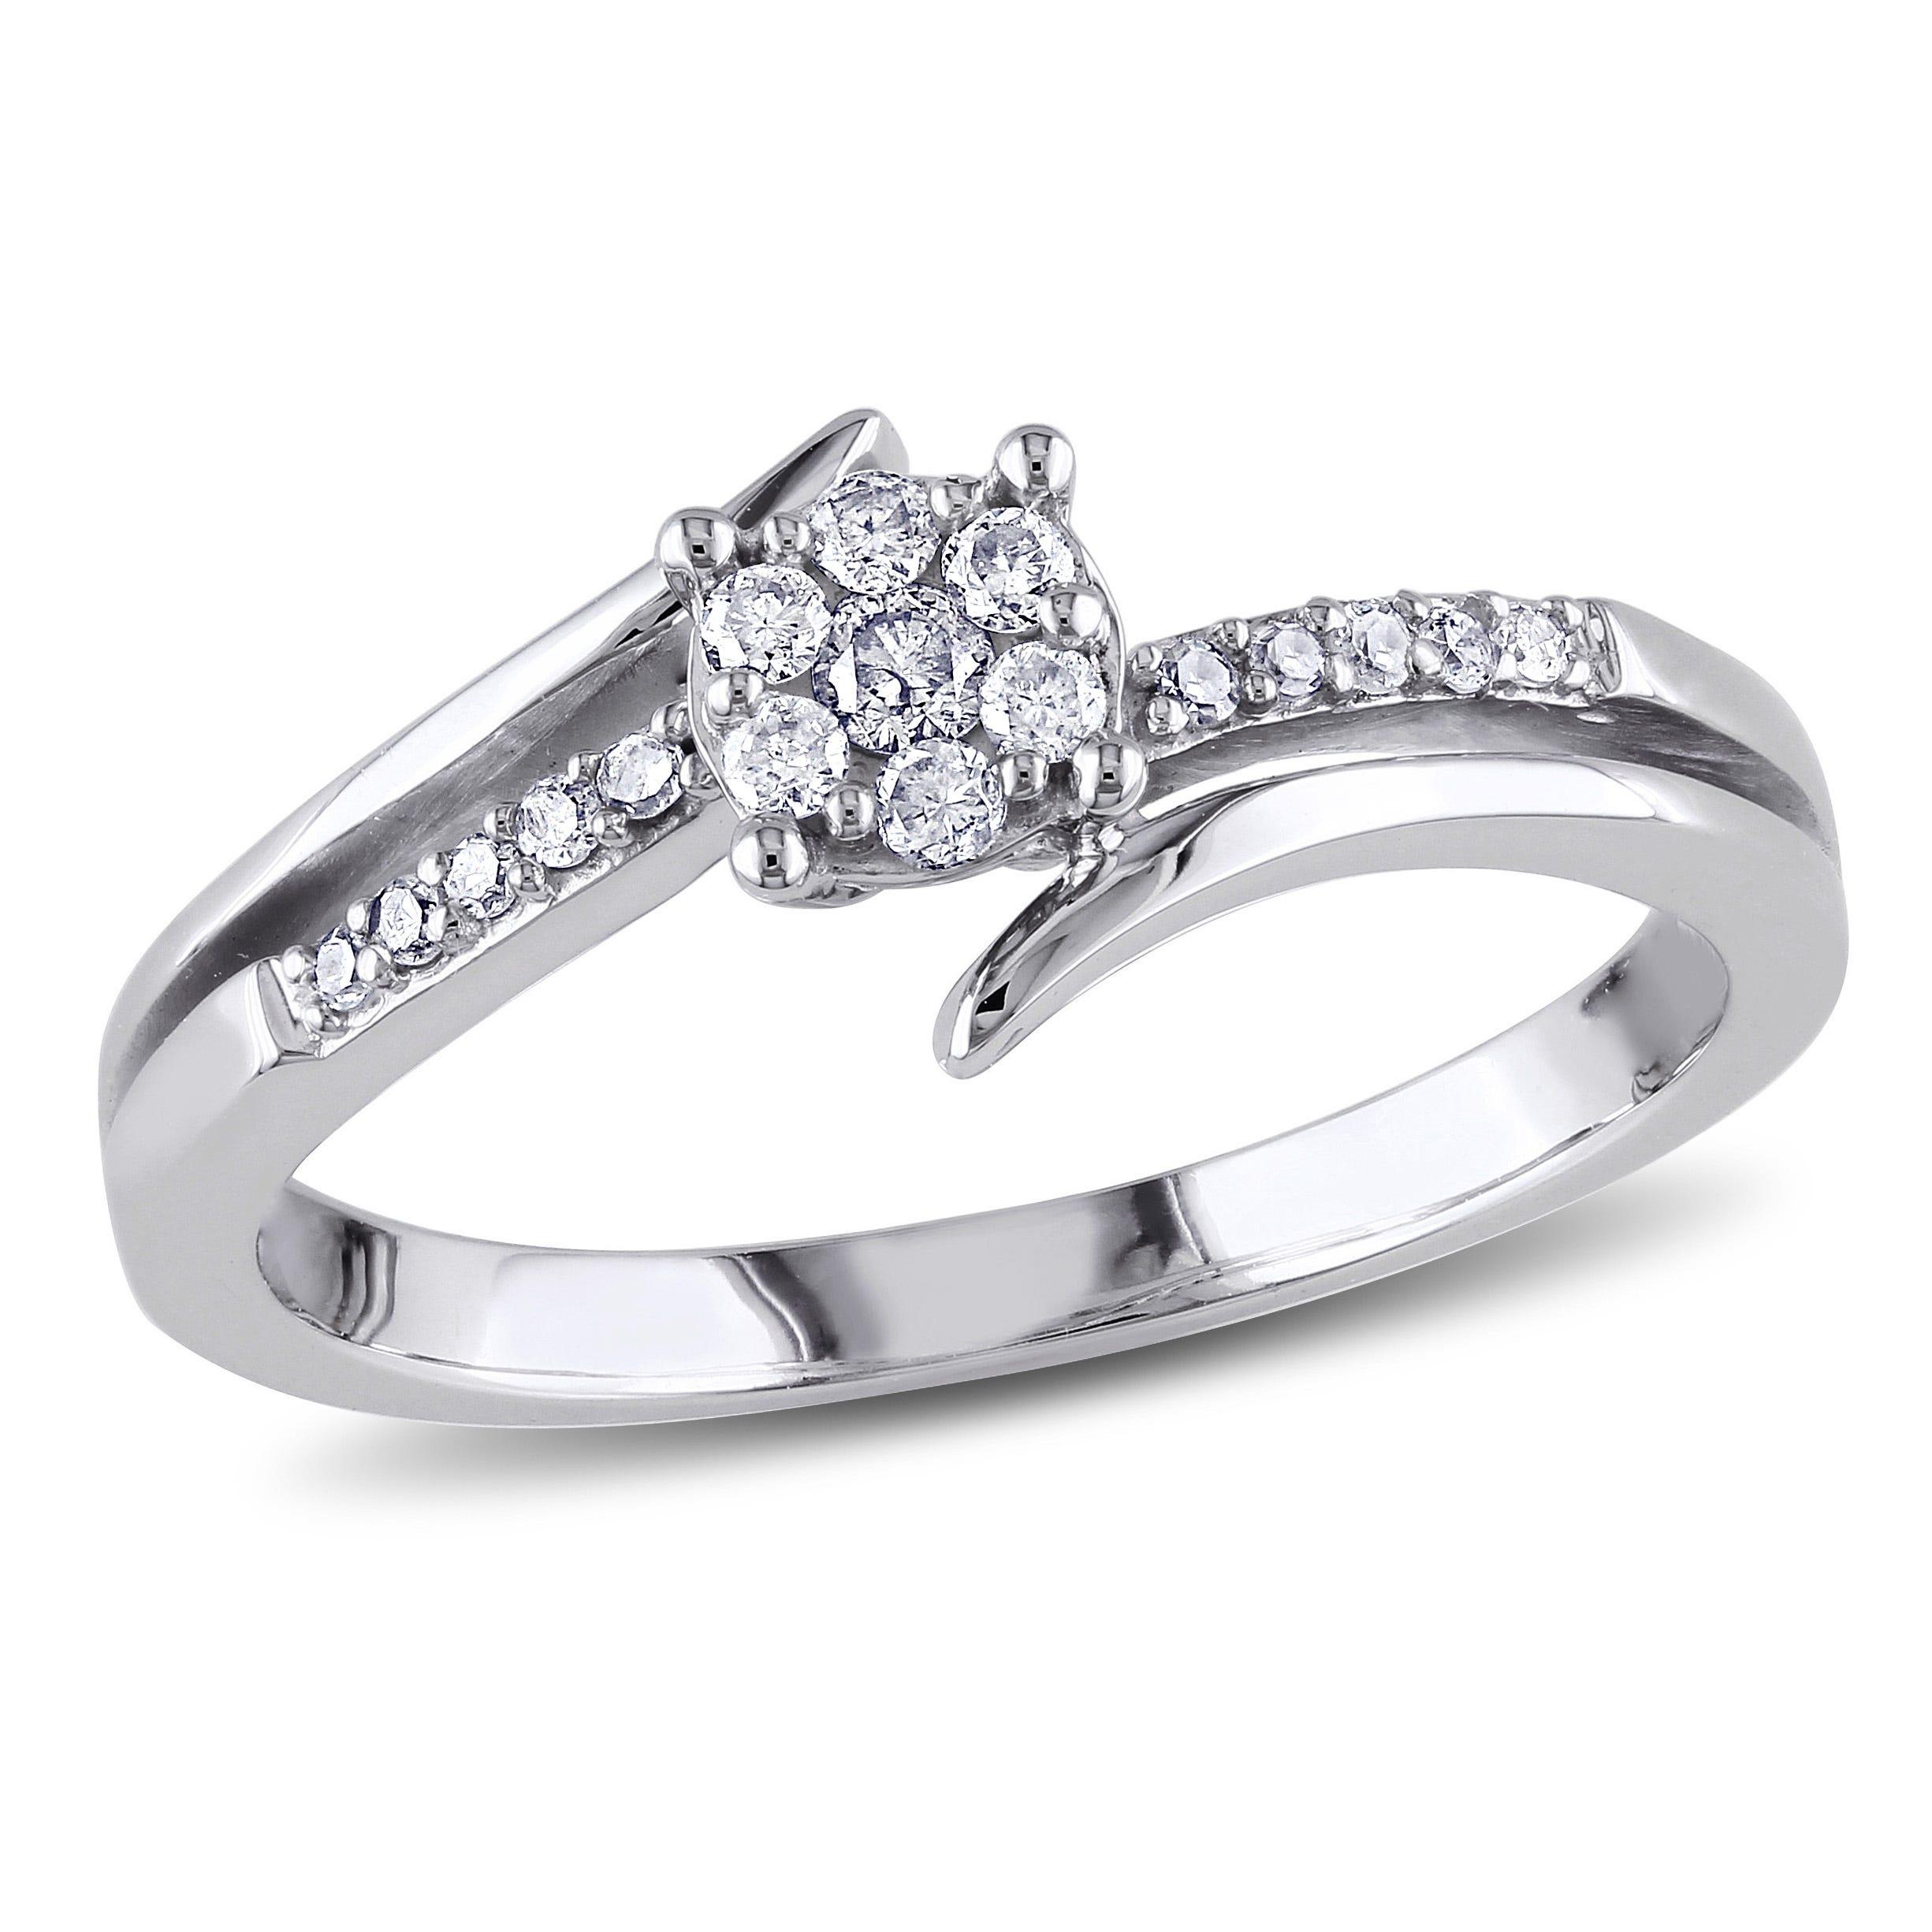 Round Cut Diamond Split Shank Promise Ring 1/5ctw. in 10k White Gold